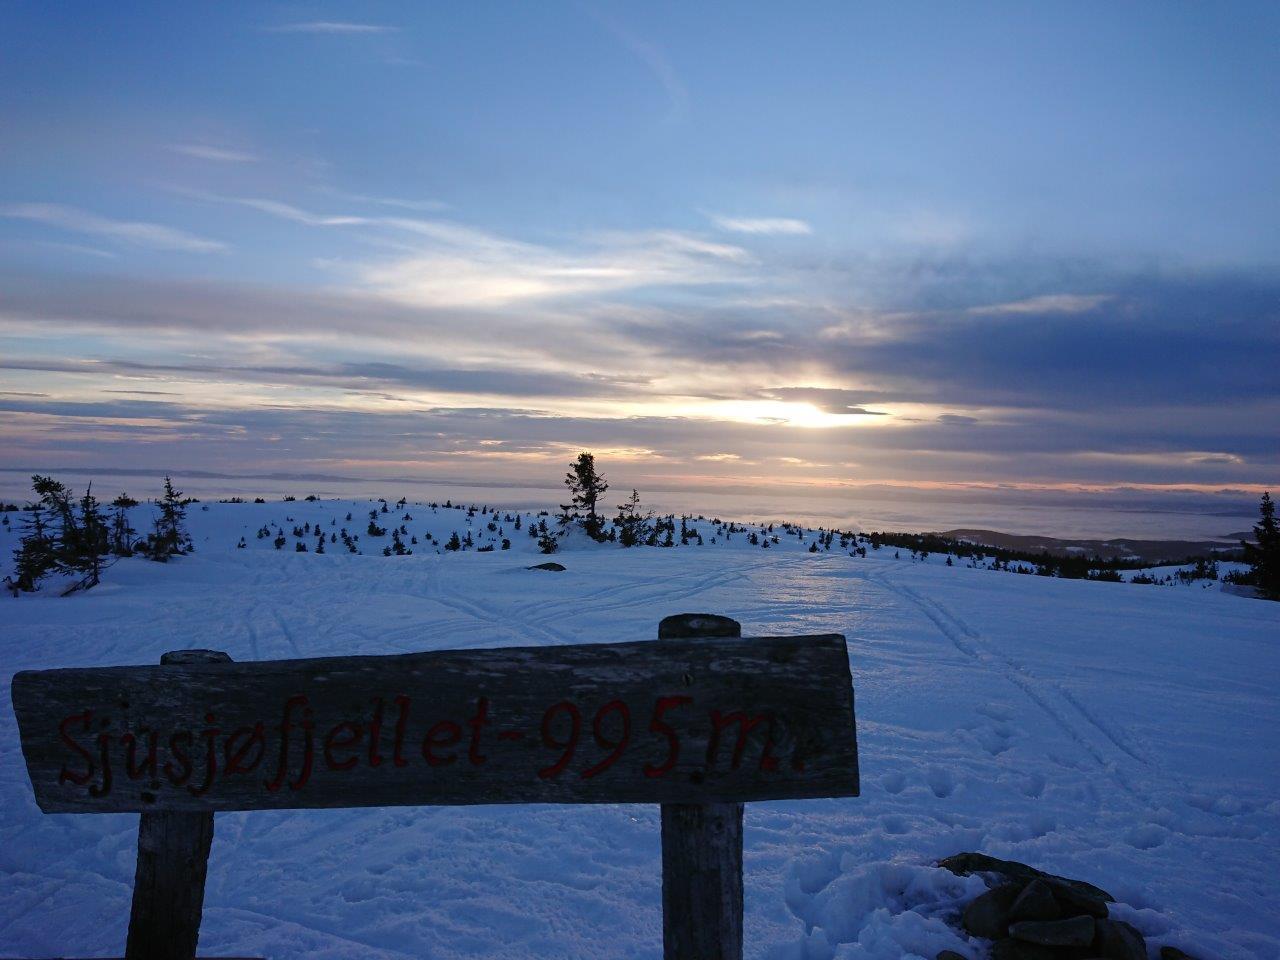 Fantastischer Sonnenuntergang im Norden